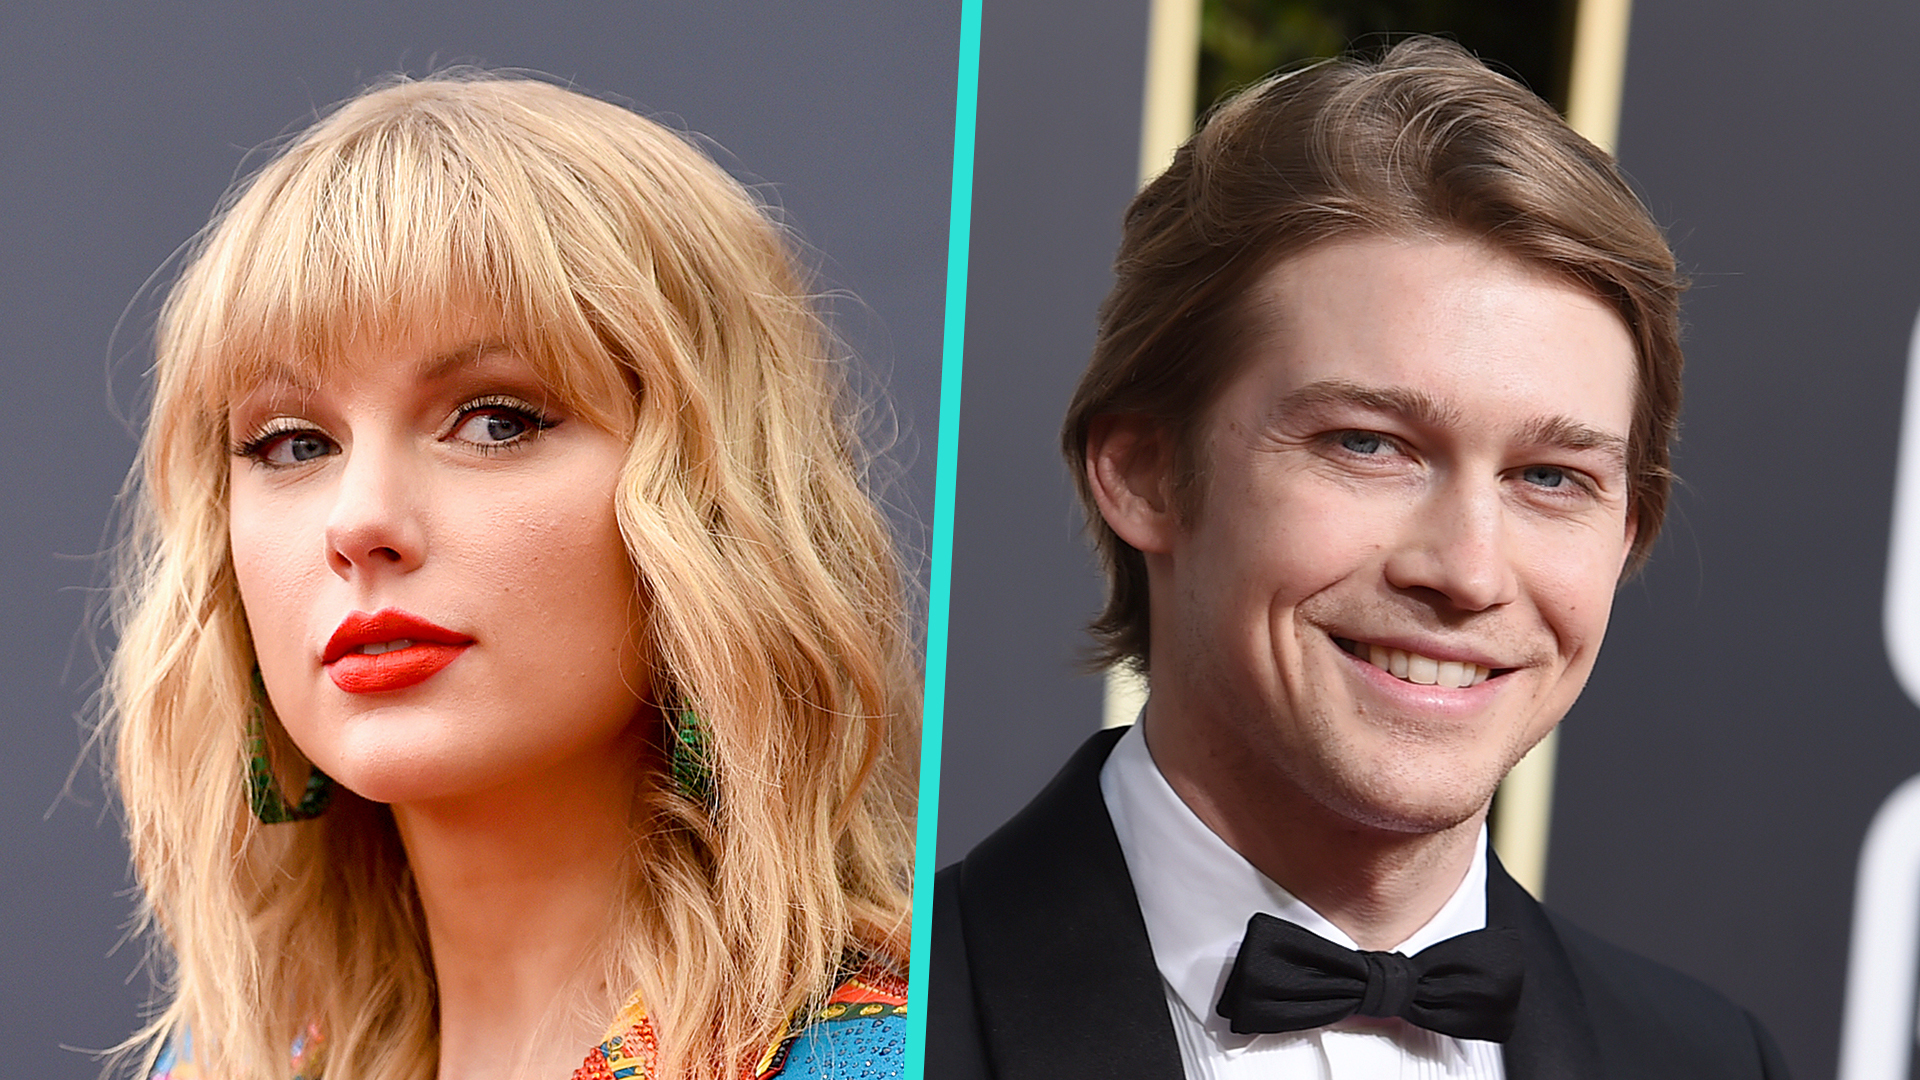 Taylor Swift Fans Are Convinced She & Joe Alwyn Got ...